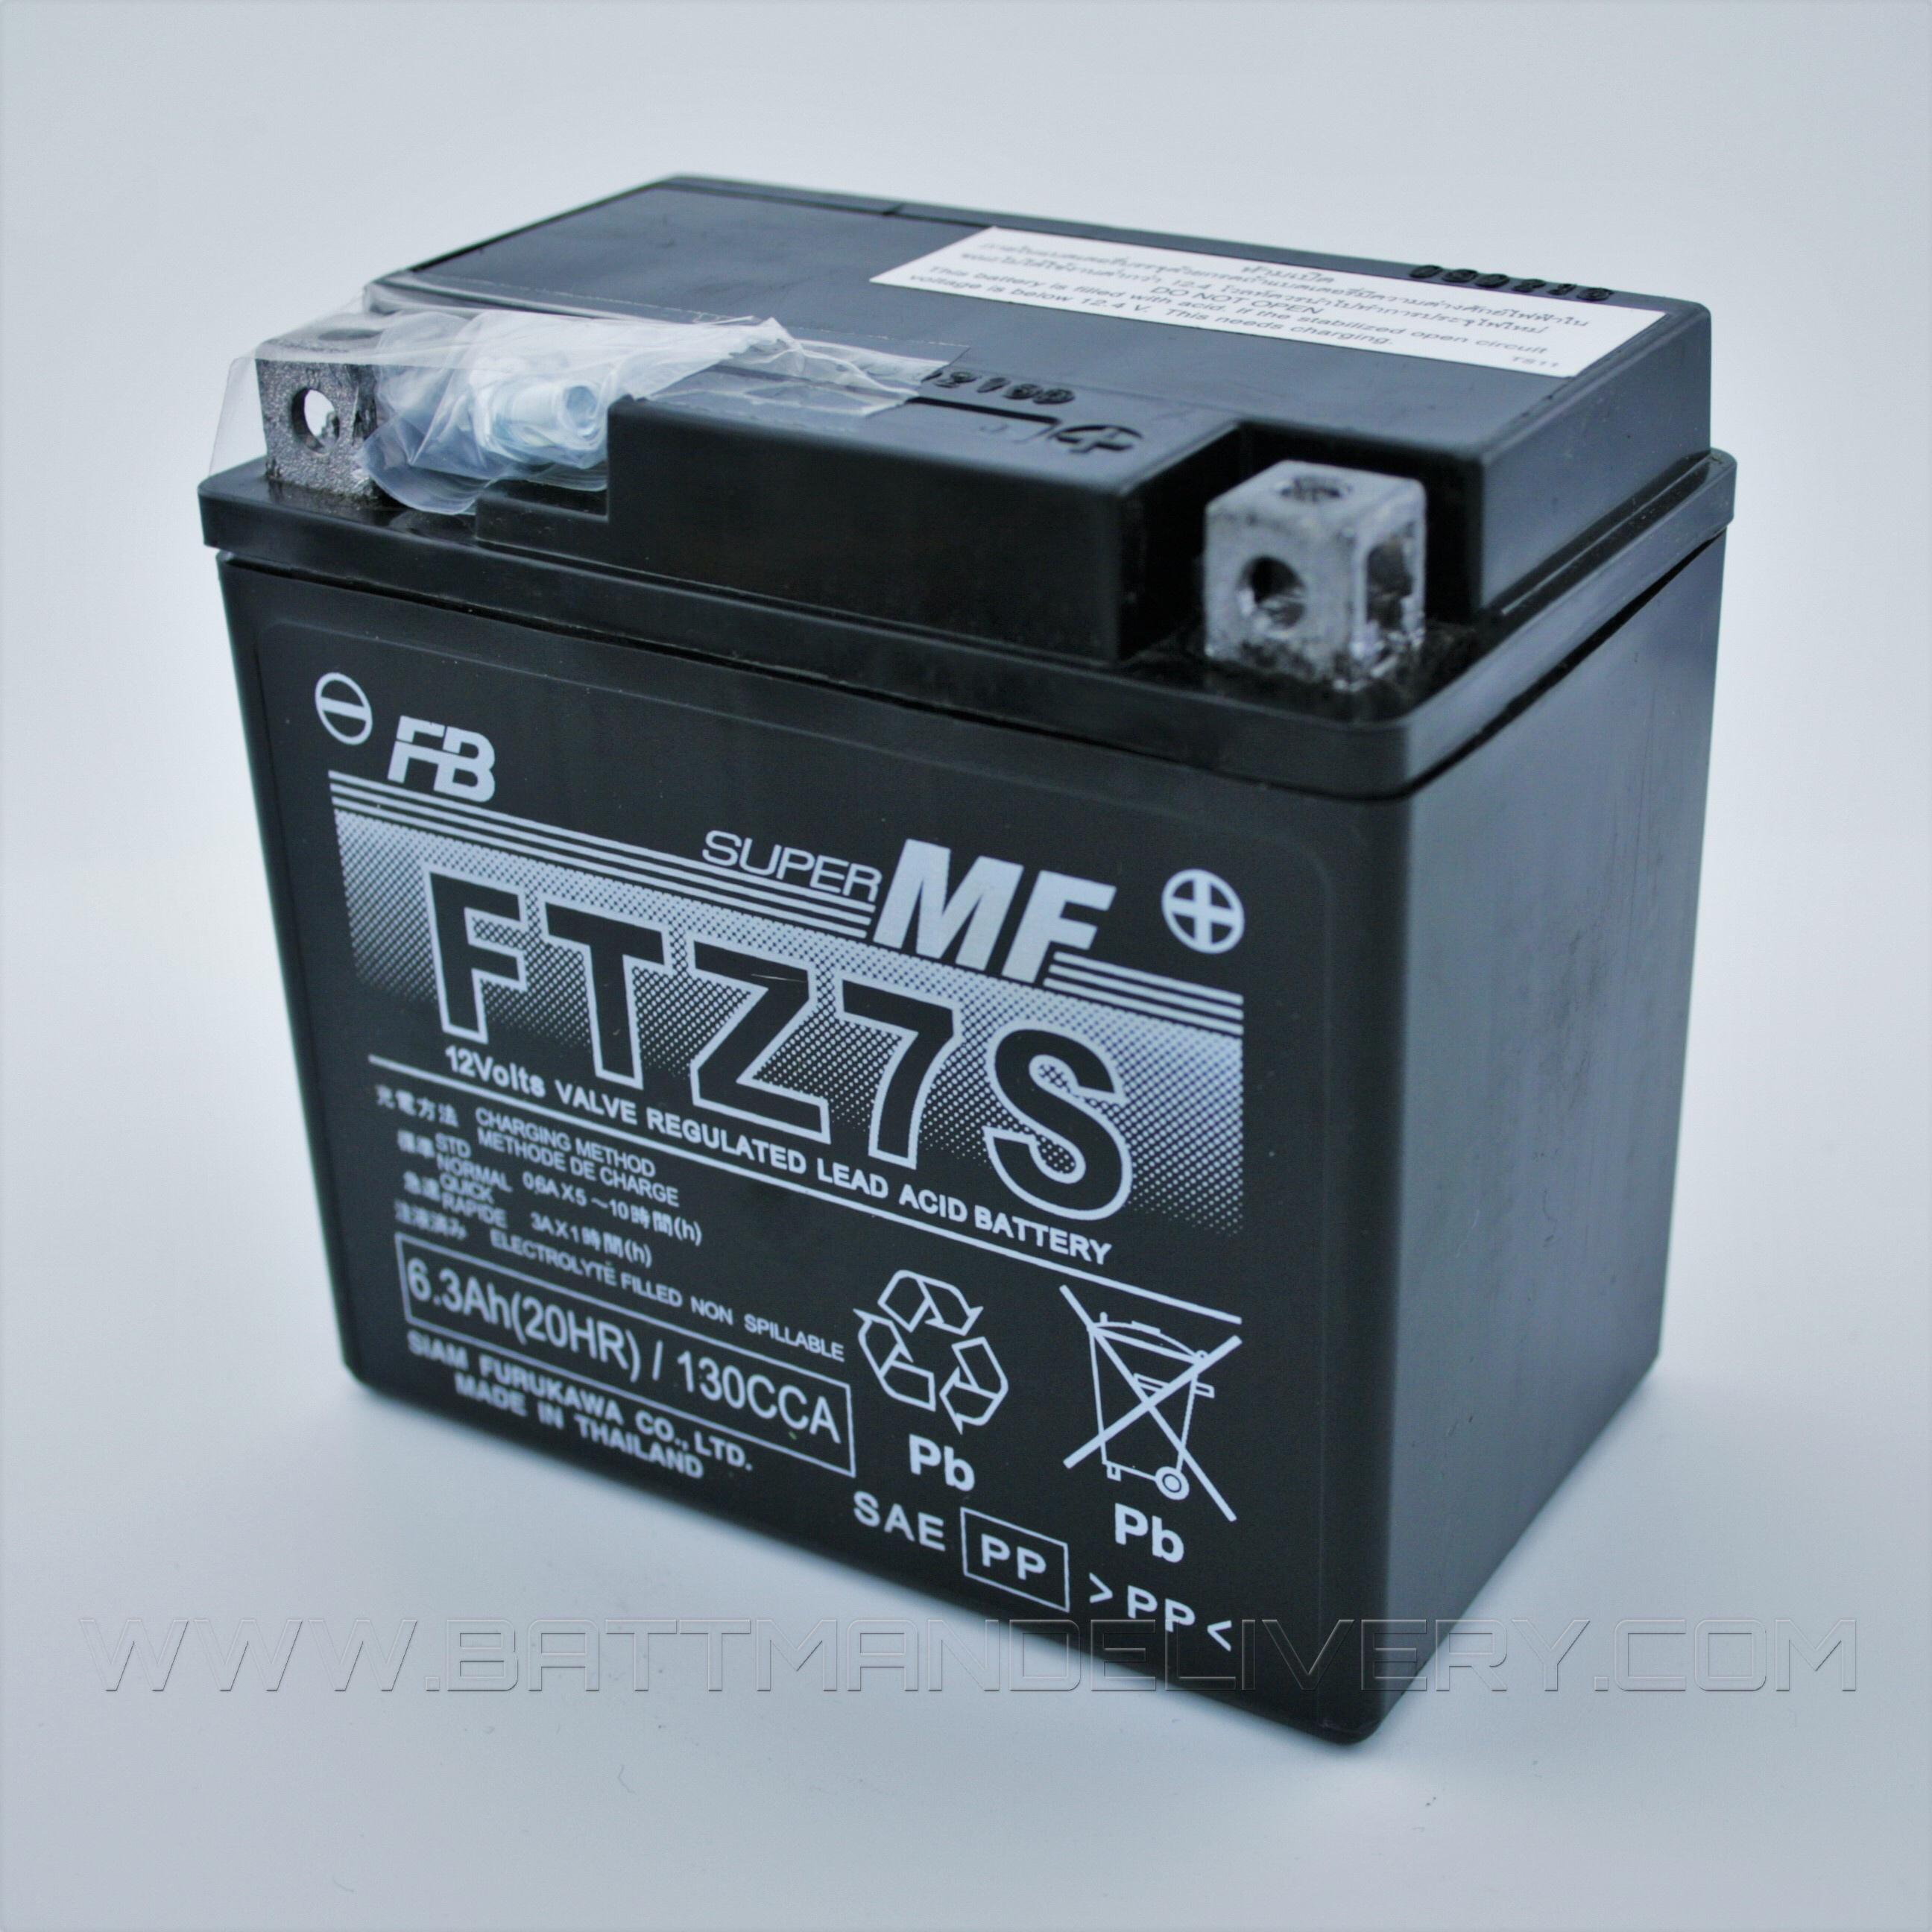 แบตแห้งพร้อมใช้ คุณภาพสูง ยี่ห้อ FB รุ่น FTZ7s-mf (12V 6AH) สำหรับรถรุ่น CBR150R,Click125i,Moove,PCX125,PCX150,Zoomer-x,Filano,Fiore,N-Max,Tricity